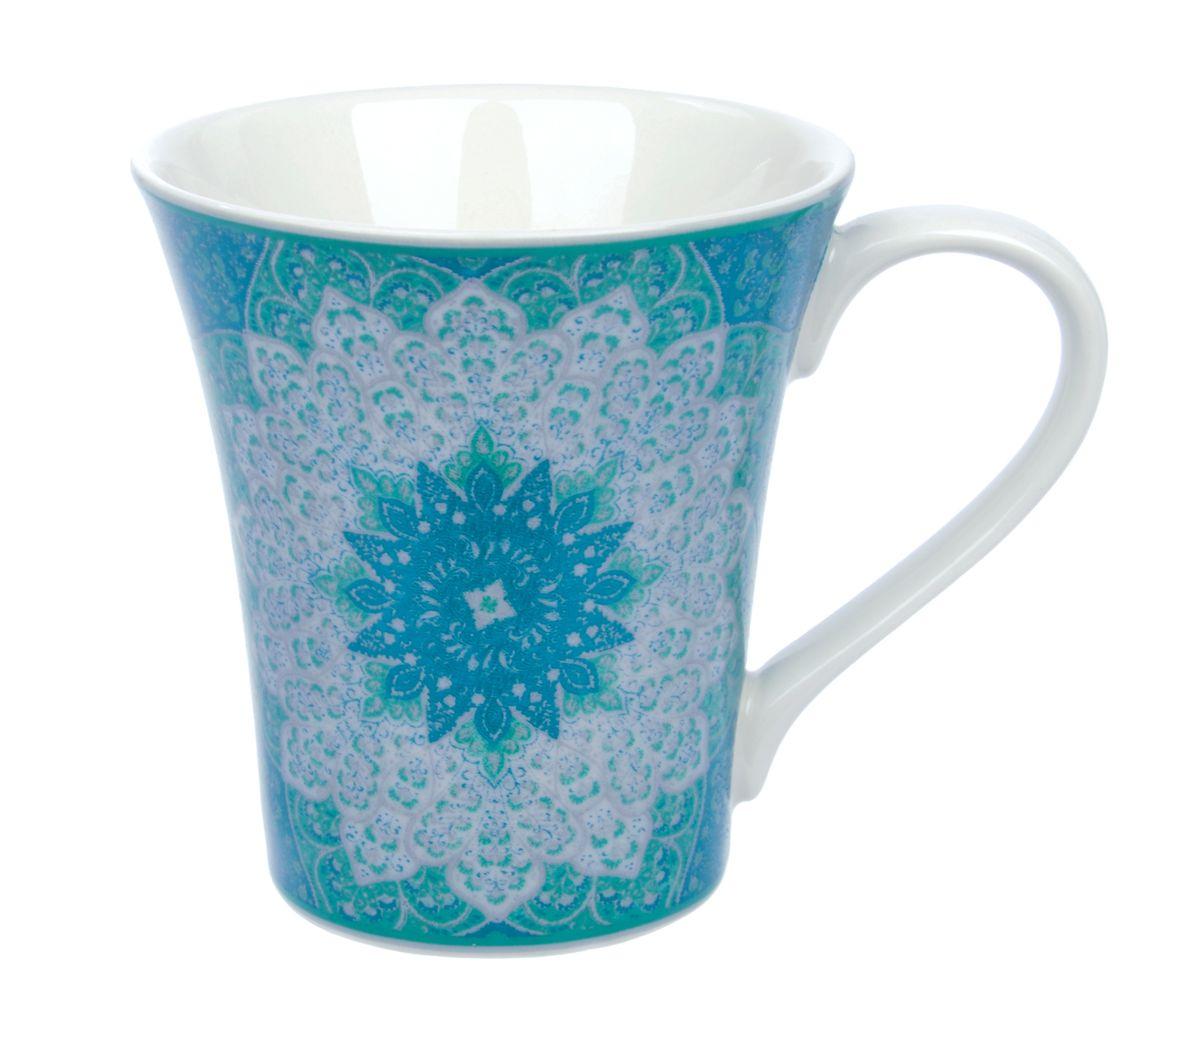 Кружка Kashan Green, 330 млUTKB18701Кружка Kashan Green изготовлена из высококачественной керамики. Внешние стенки изделия оформлены красочным цветочным рисунком. Такая кружка прекрасно подойдет для горячих и холодных напитков. Она дополнит коллекцию вашей кухонной посуды и будет служить долгие годы. Можно использовать в посудомоечной машине и СВЧ. Объем кружки: 330 мл. Диаметр кружки (по верхнему краю): 9,5 см. Высота стенки кружки: 10,5 см.